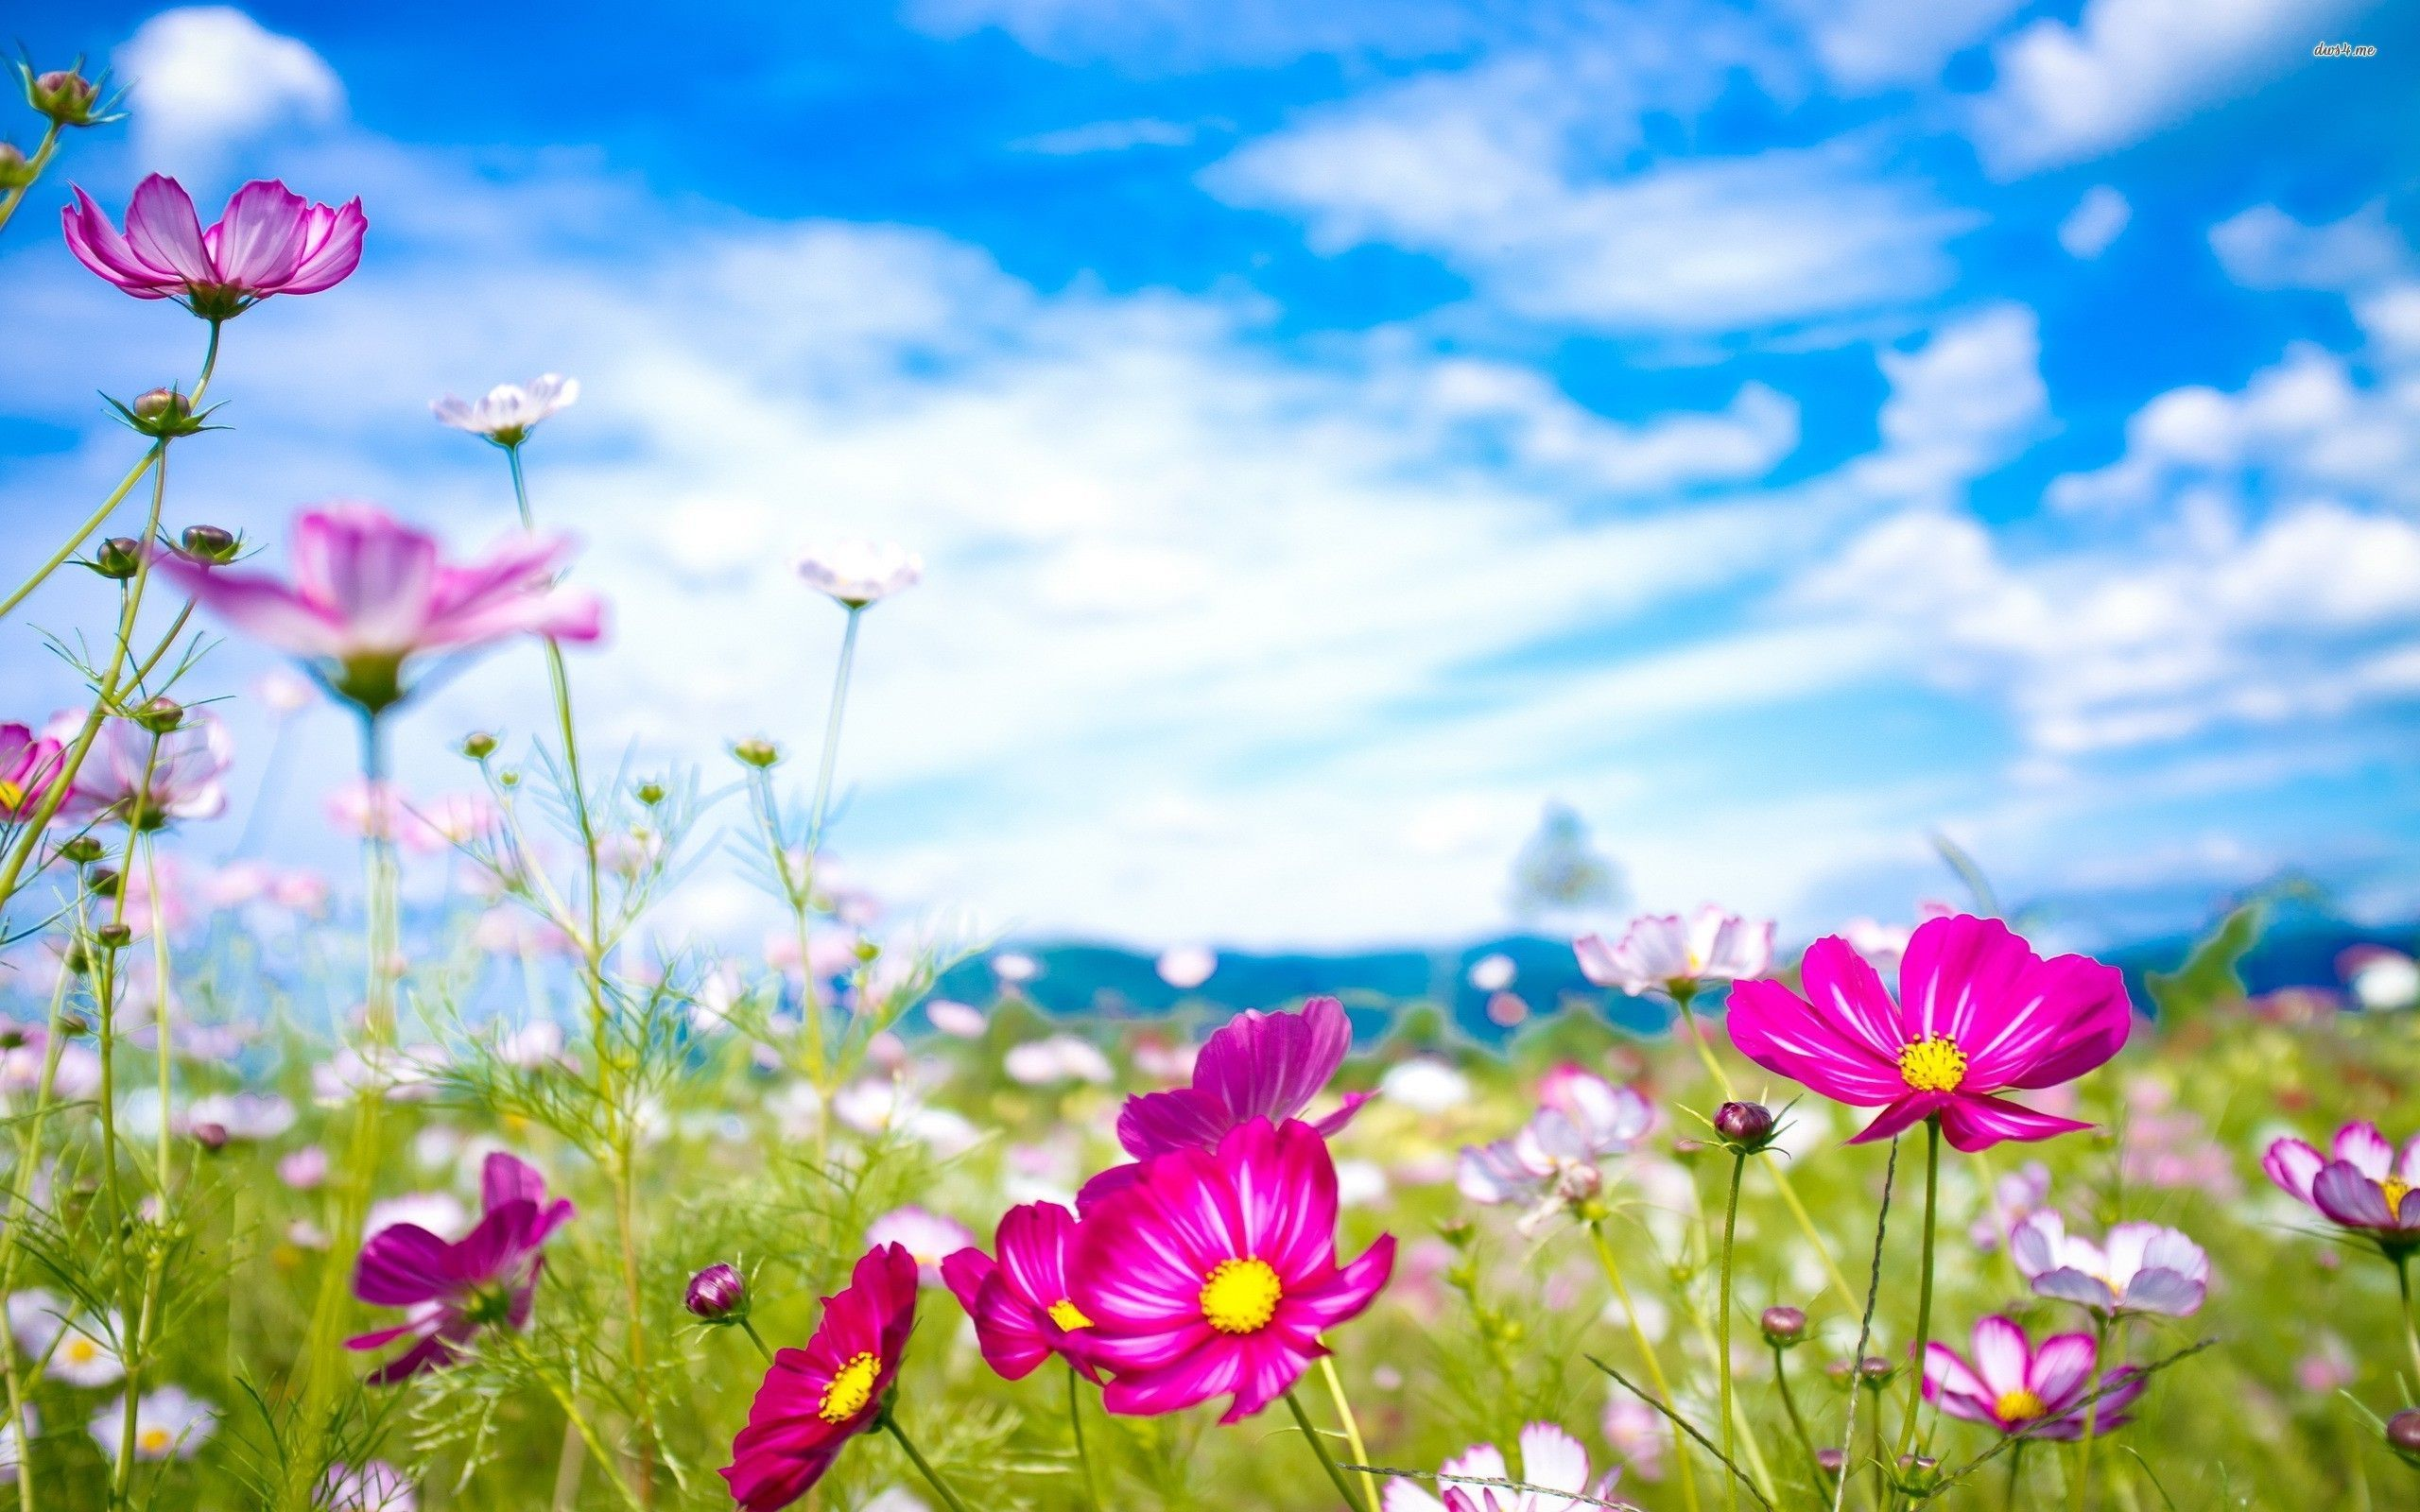 Natural Flower Wallpaper Hd Beautiful In 2020 Flower Desktop Wallpaper Flower Images Wallpapers Flower Wallpaper